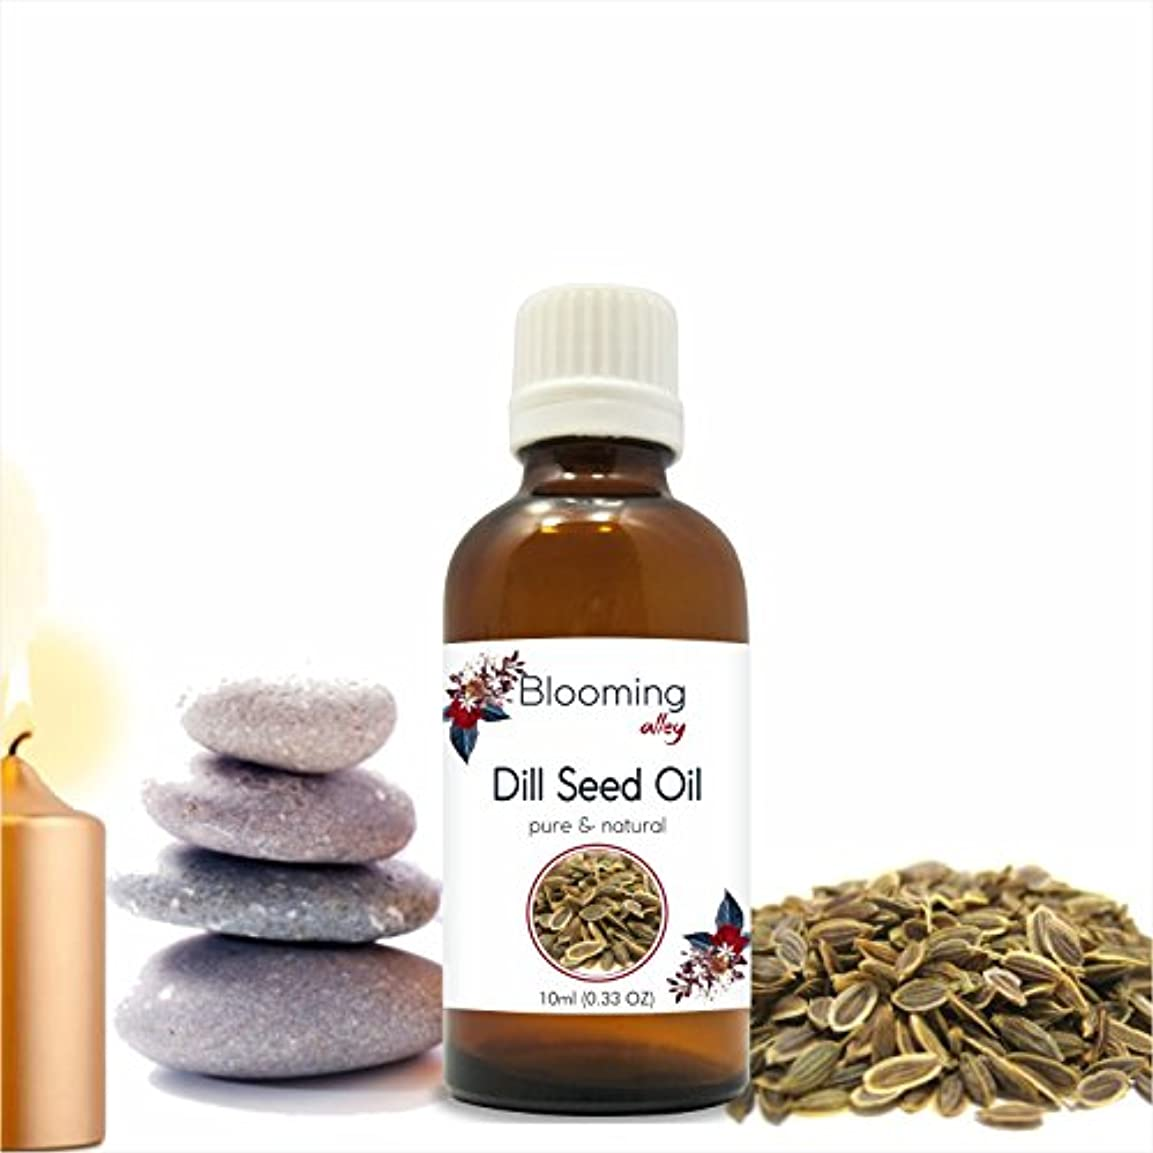 彼自身ラッシュ左Dillseed Oil(Anethum Graveolens) Essential Oil 10 ml or 0.33 Fl Oz by Blooming Alley